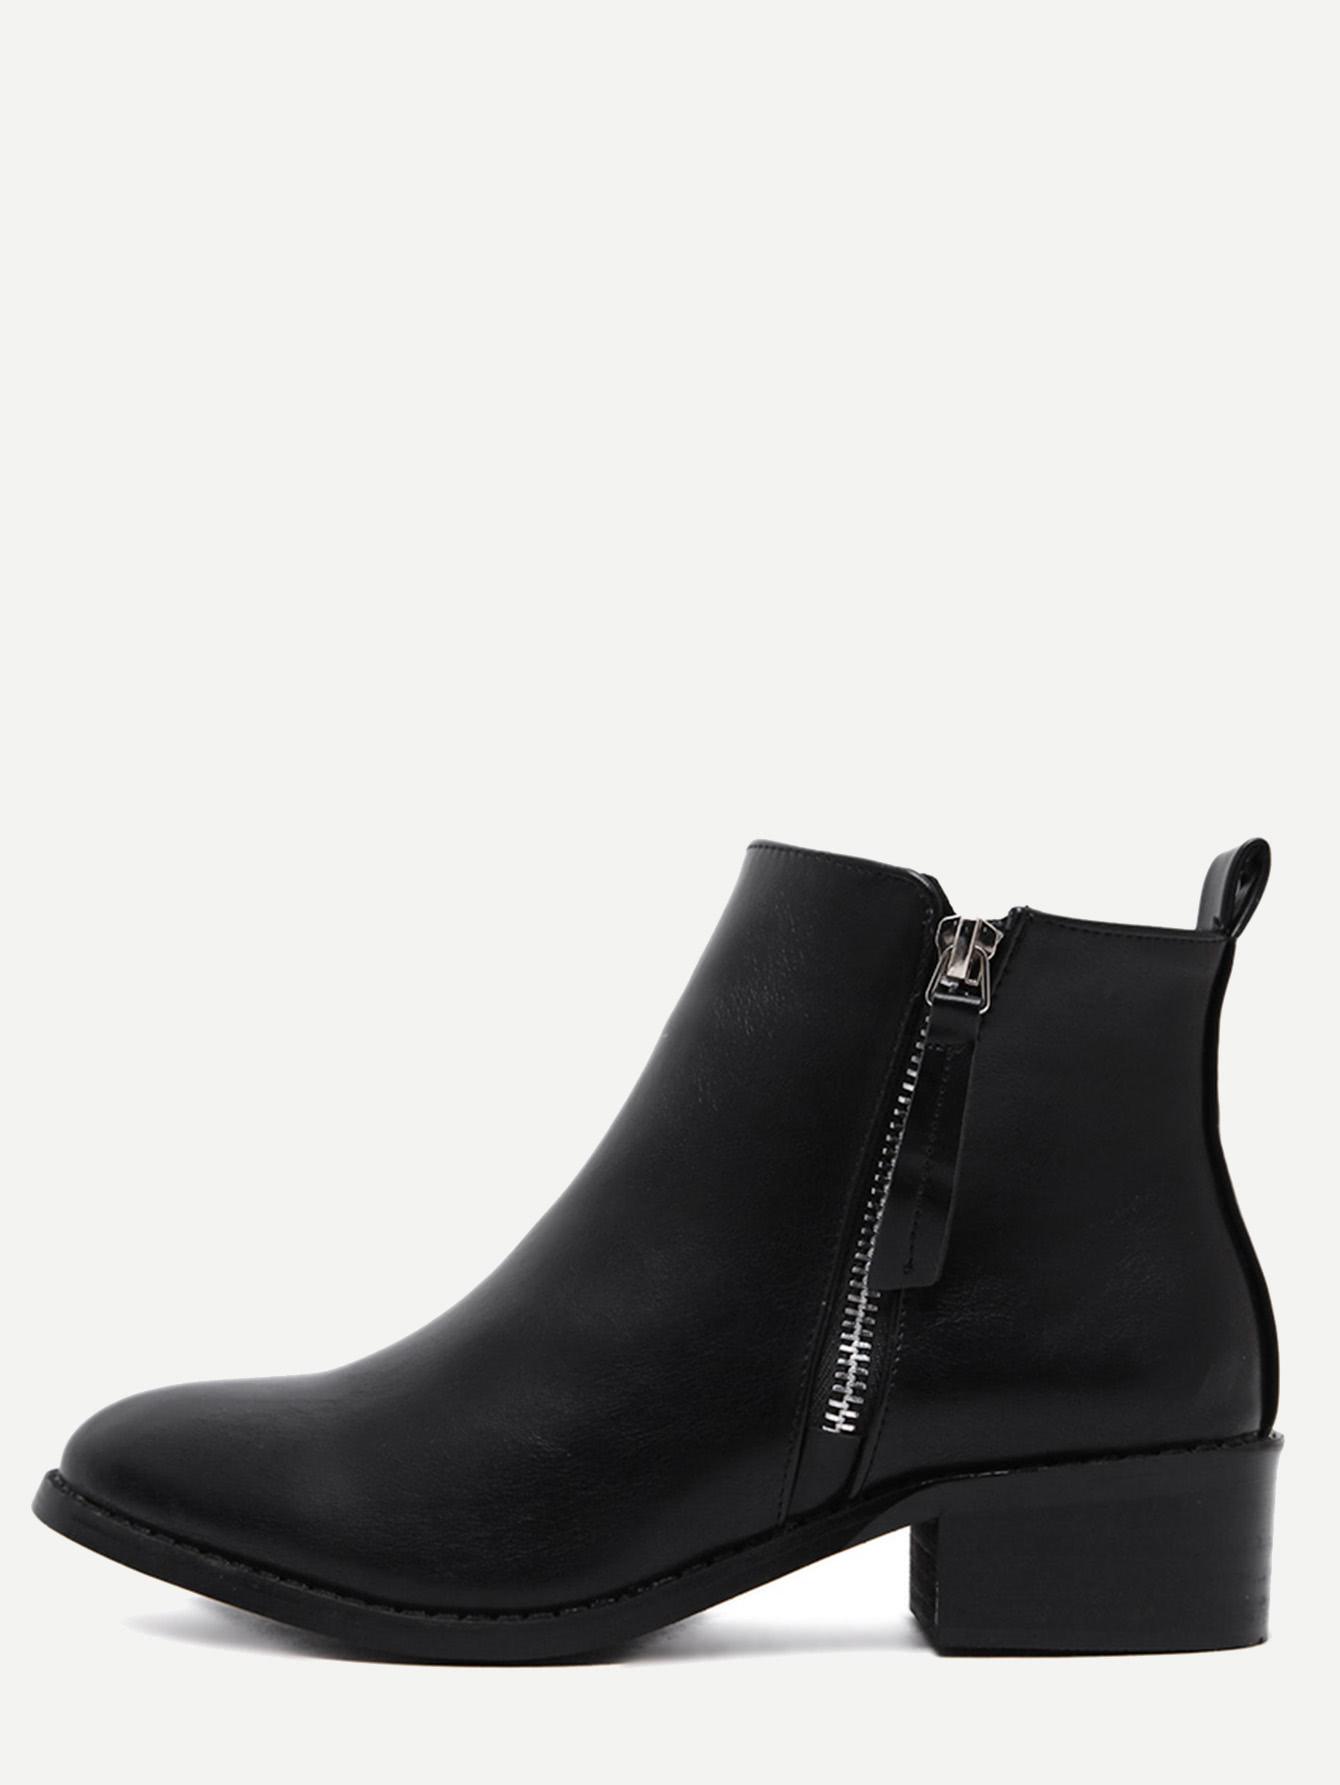 shoes160909801_2